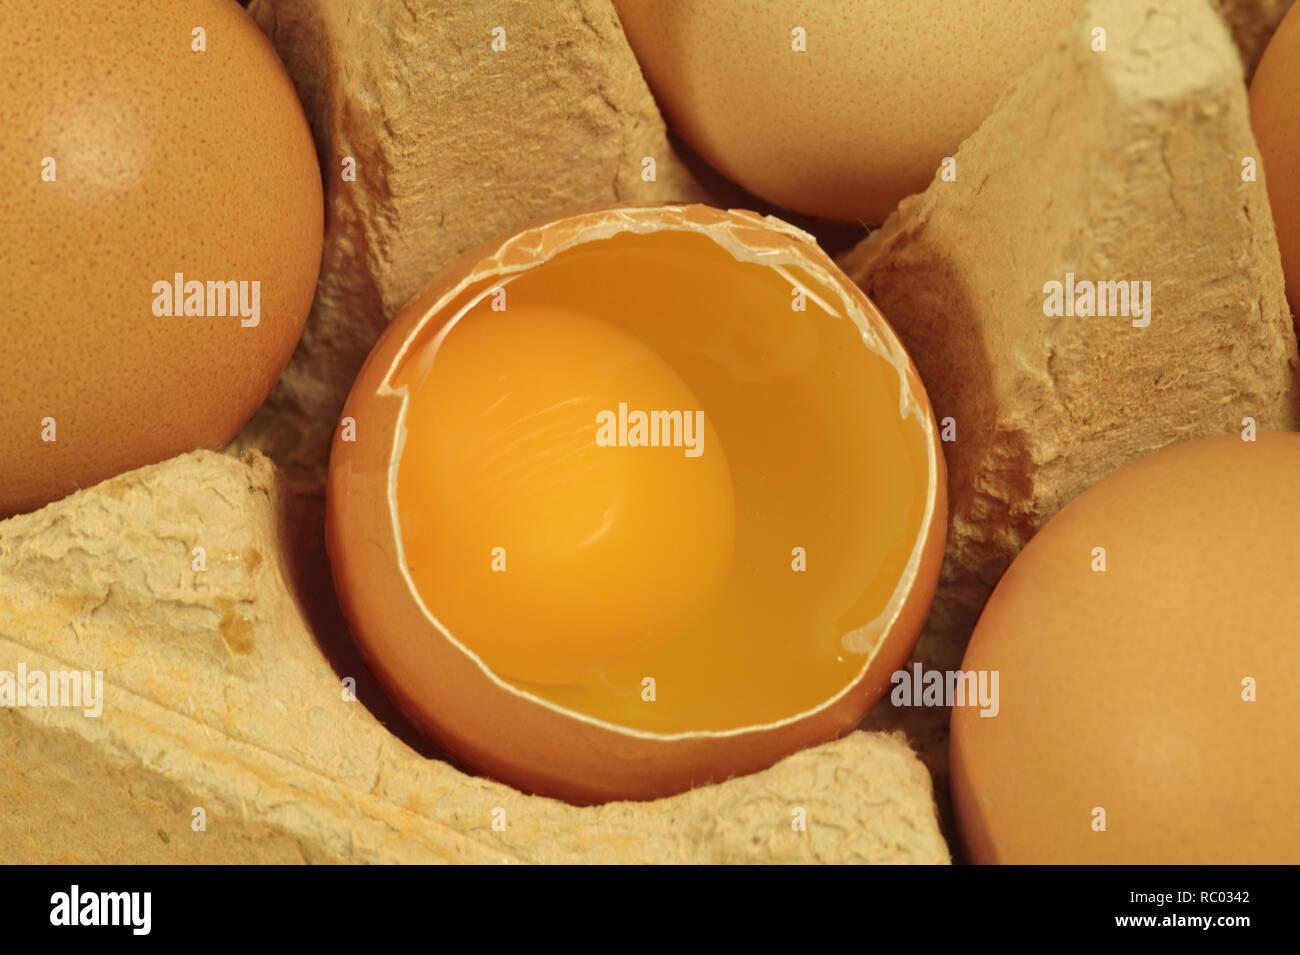 Eier in Schachtel | Eggs in package - Stock Image